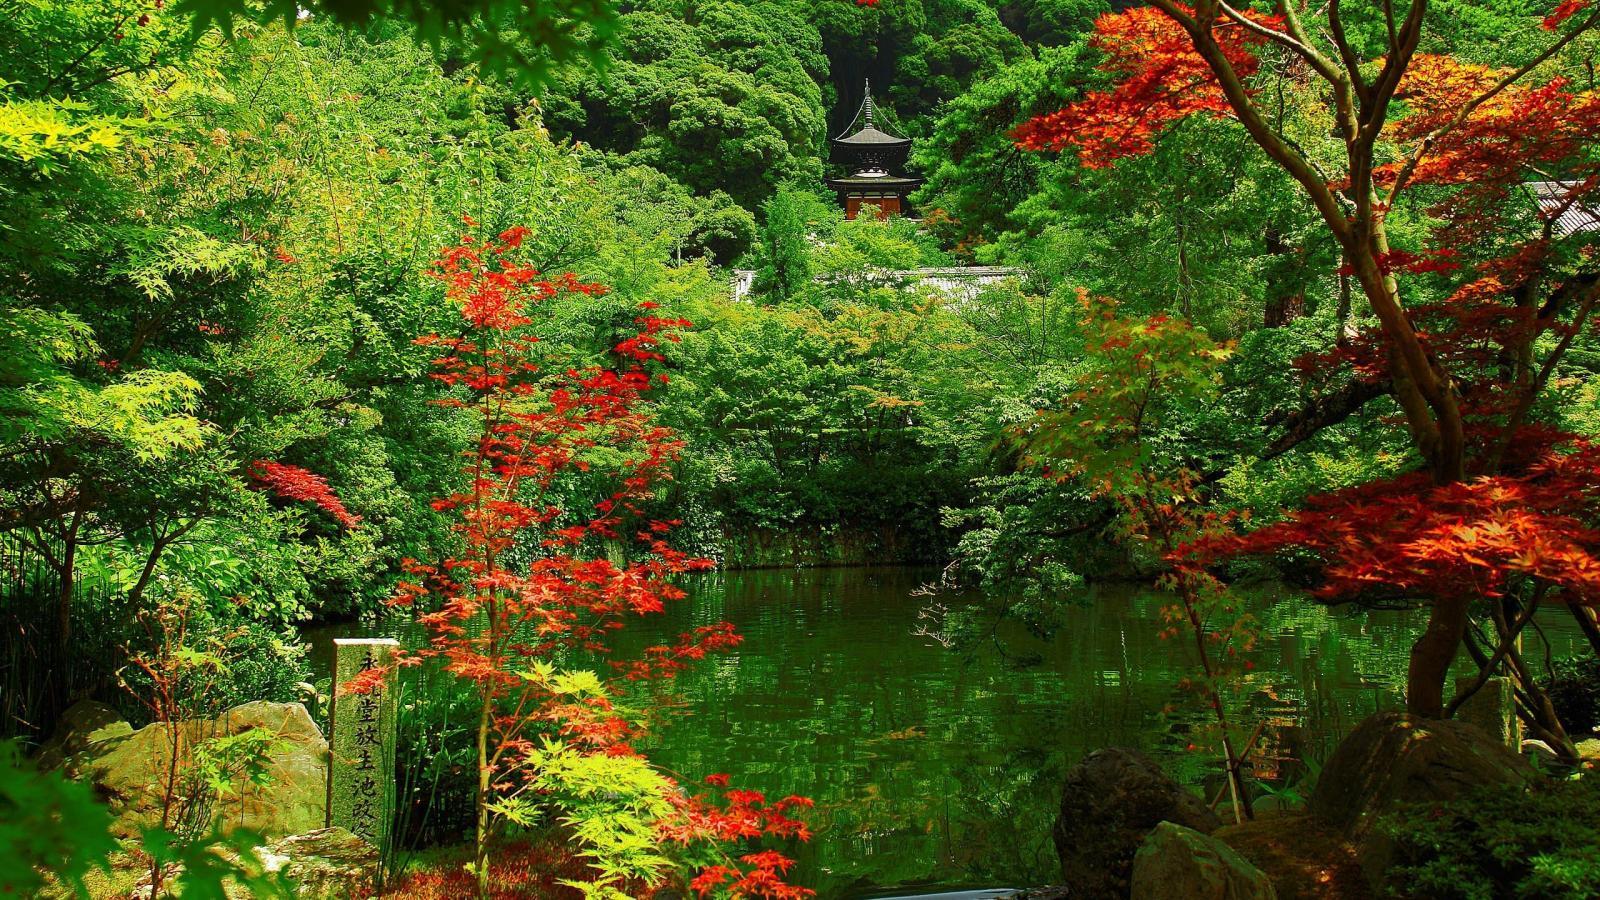 Осень в лесу картинки на рабочий стол